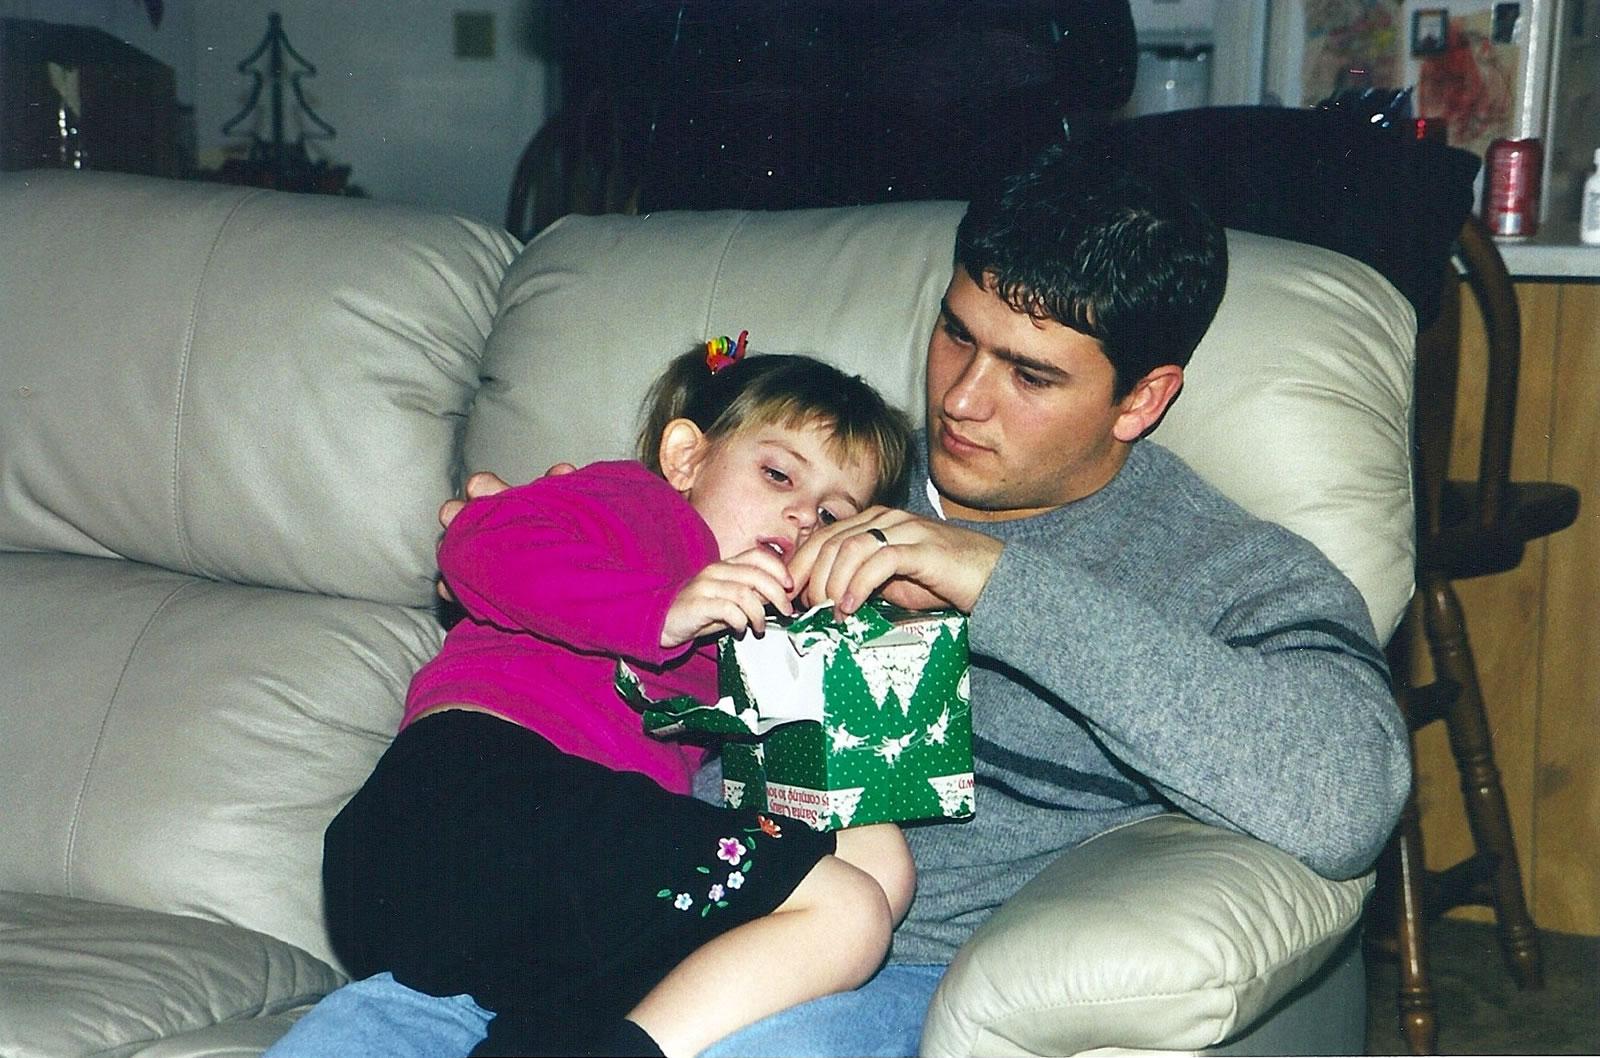 Skylar & daddy